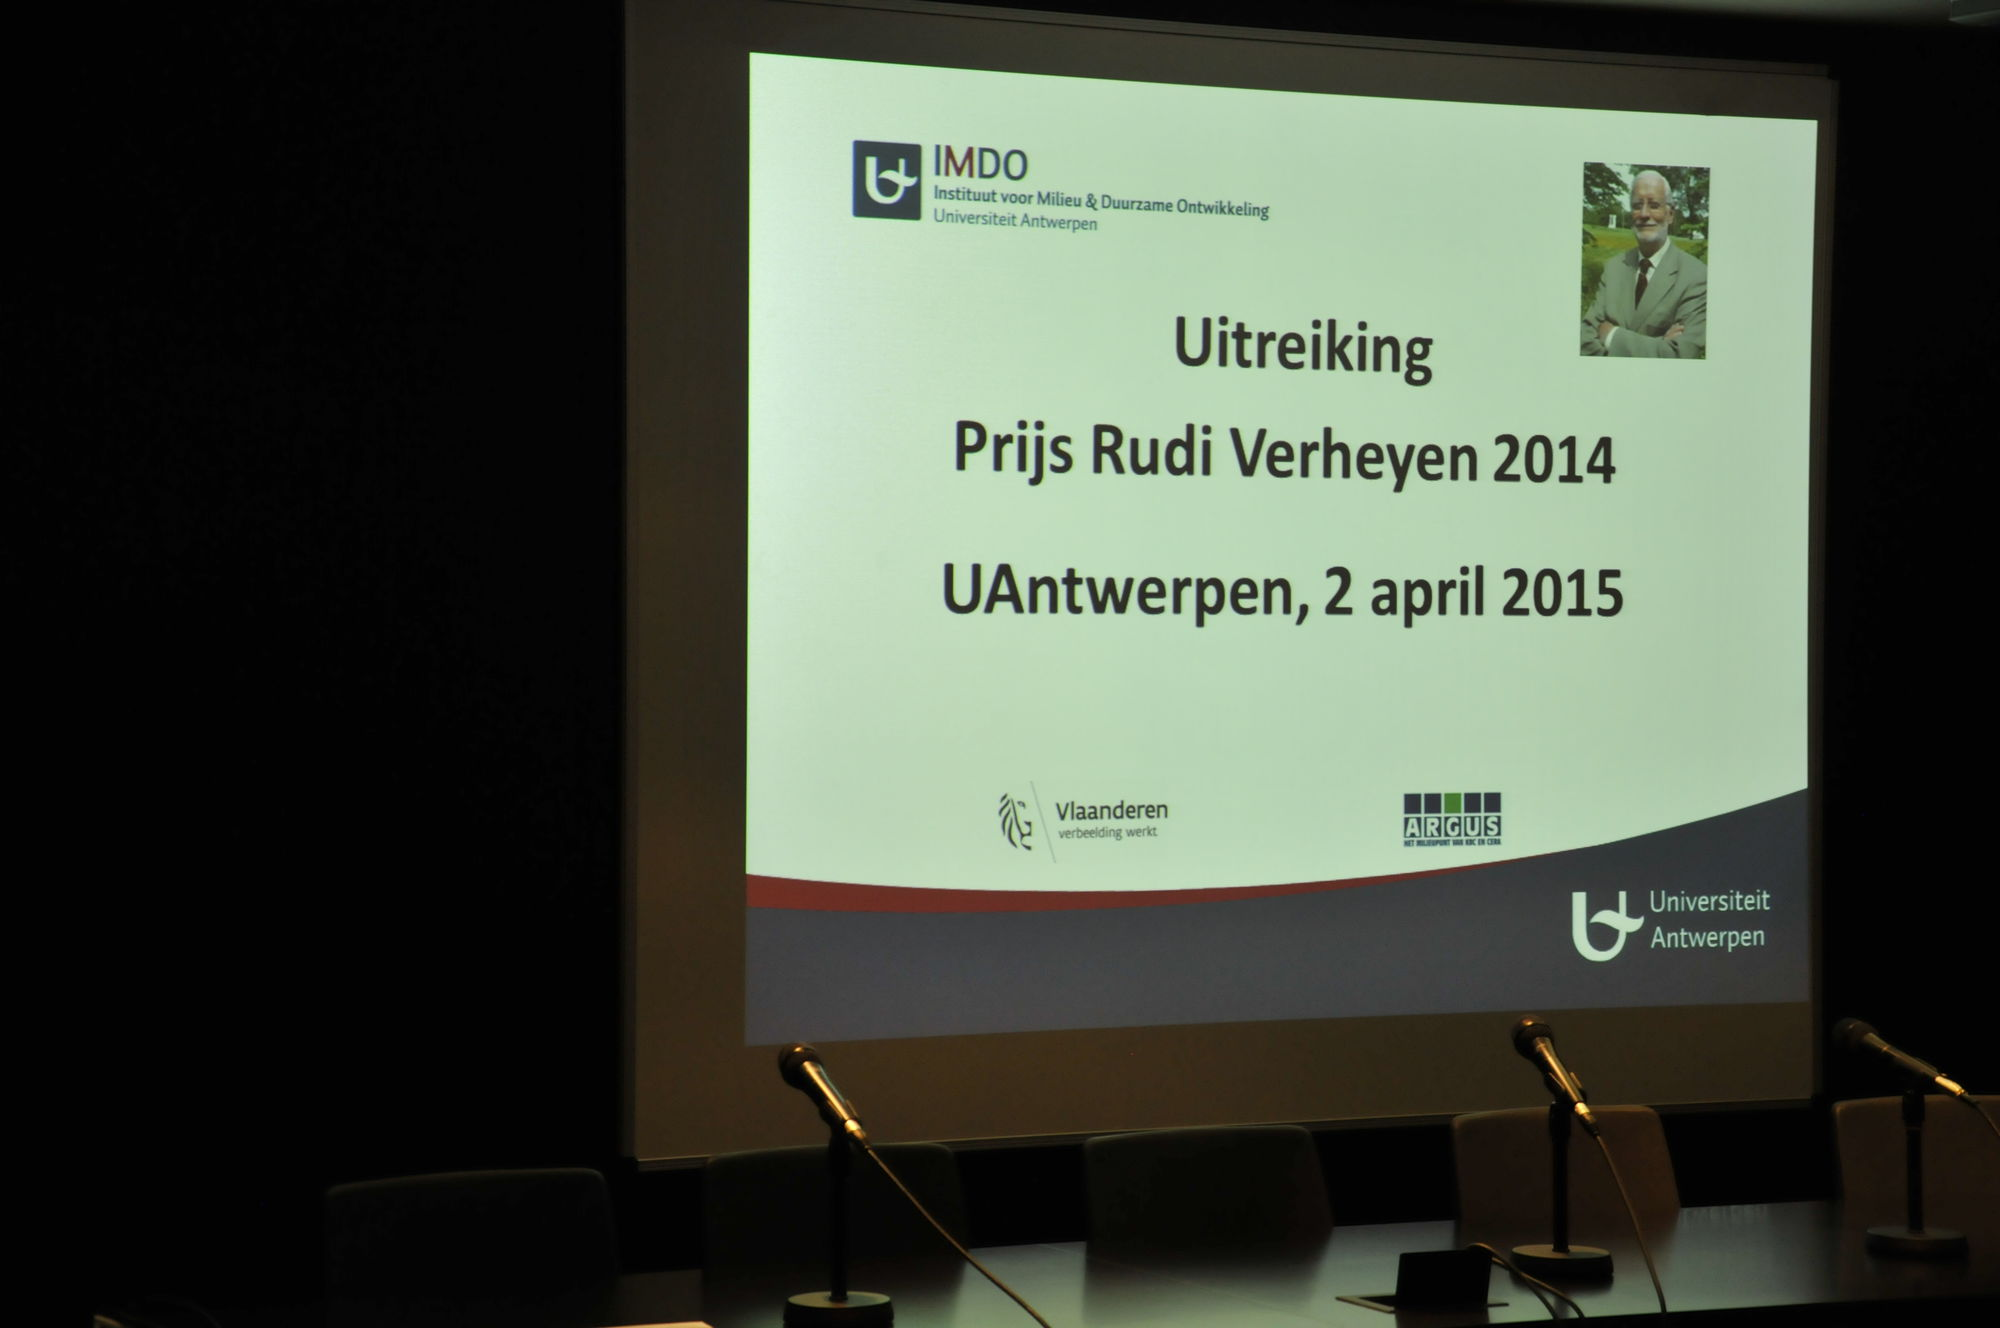 Prijs Rudi Verheyen 2014